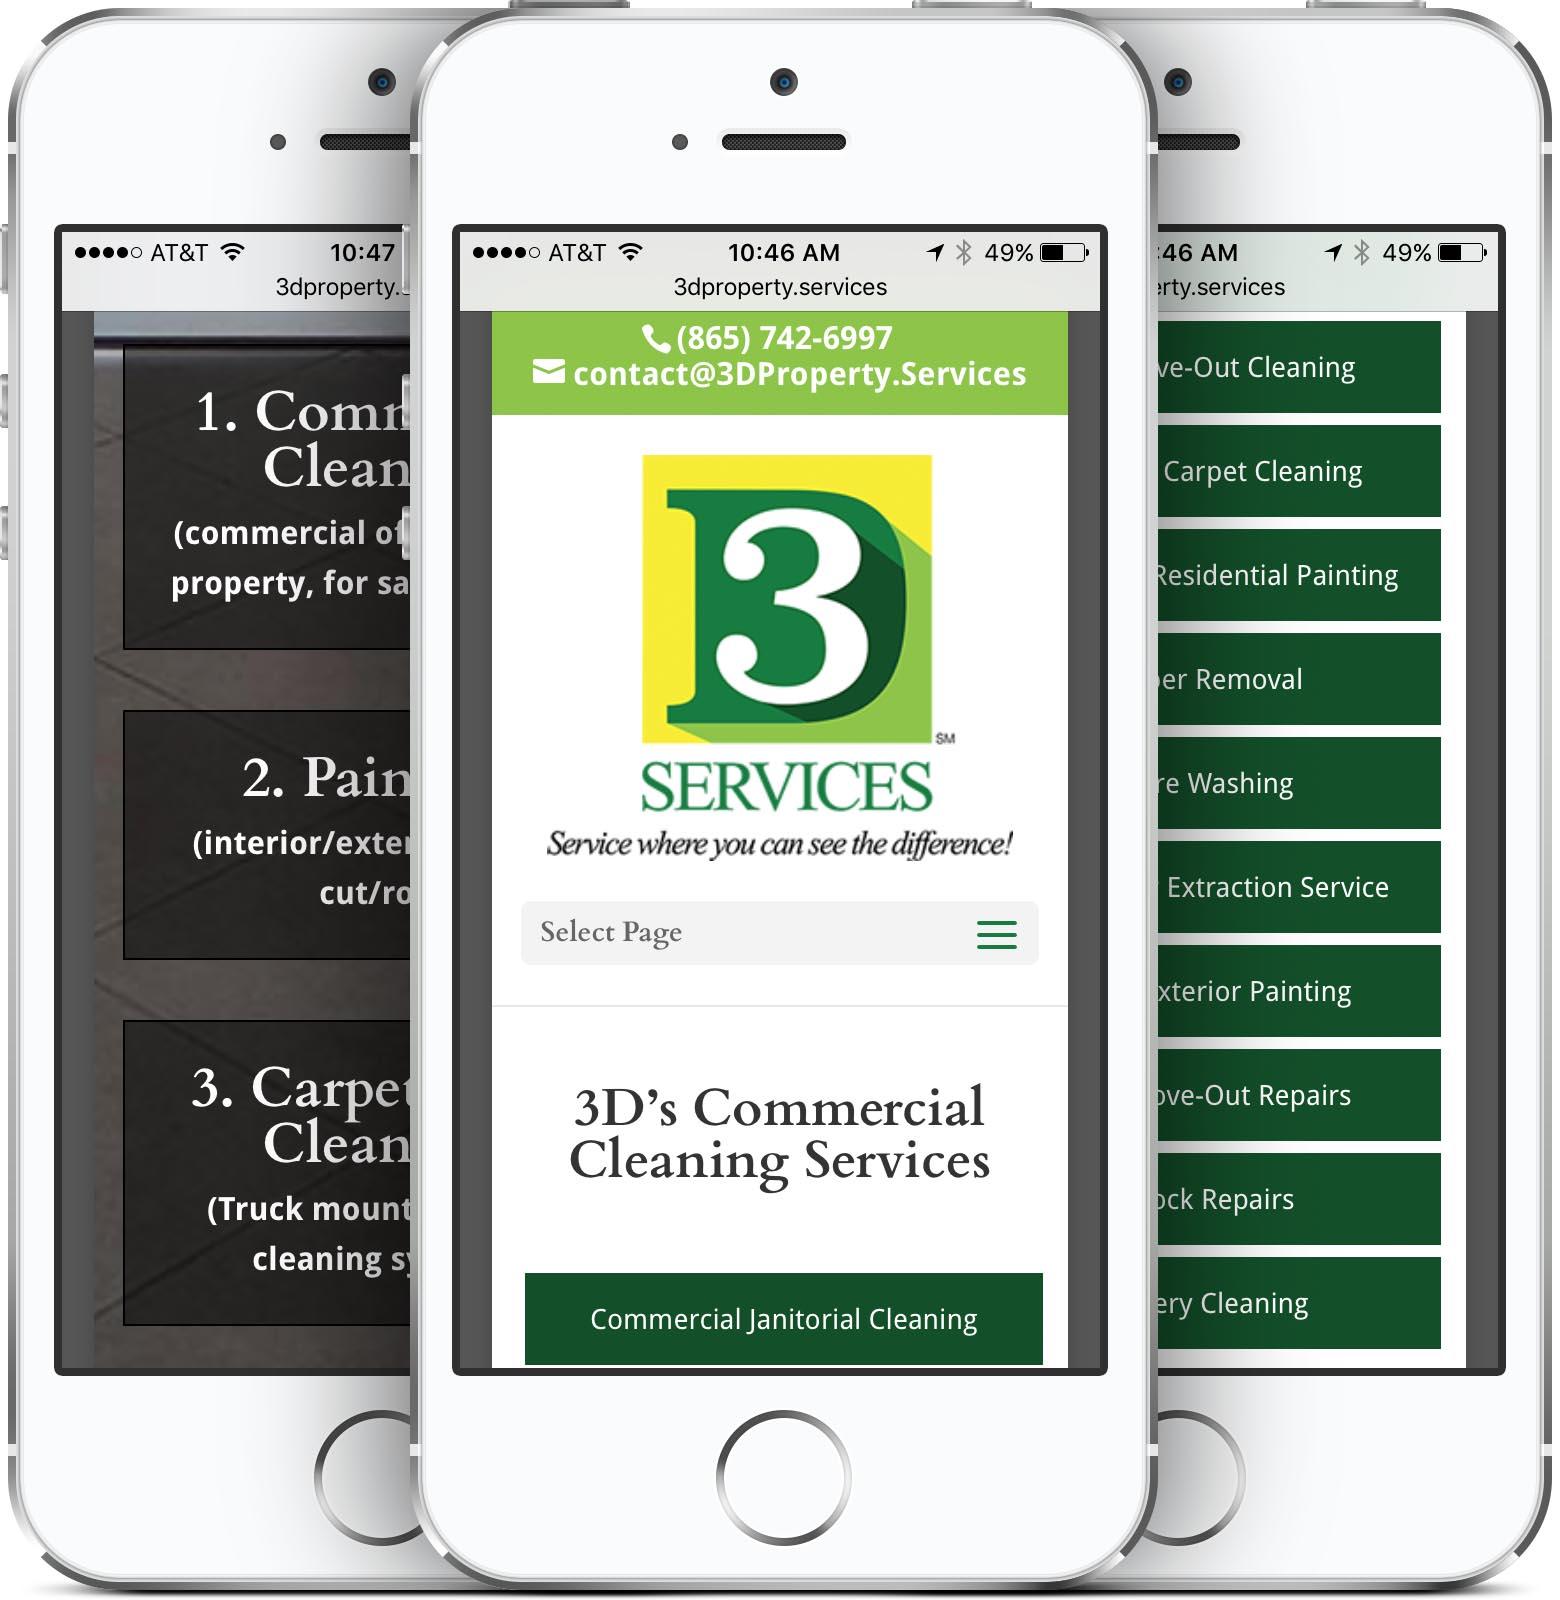 3D Services Mobile-Friendly Web Design